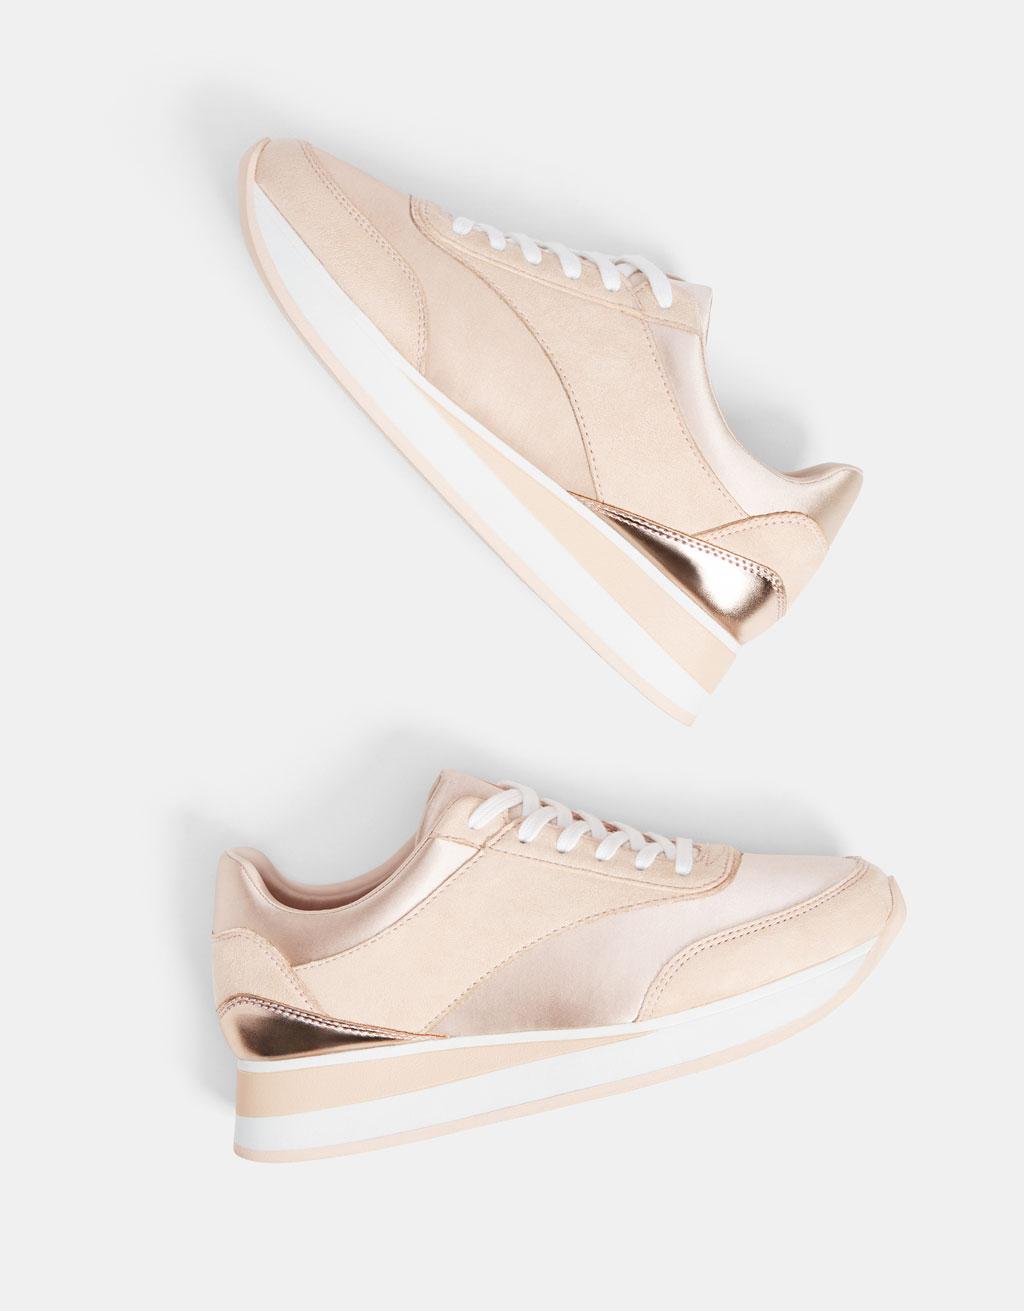 Combined platform sneakers